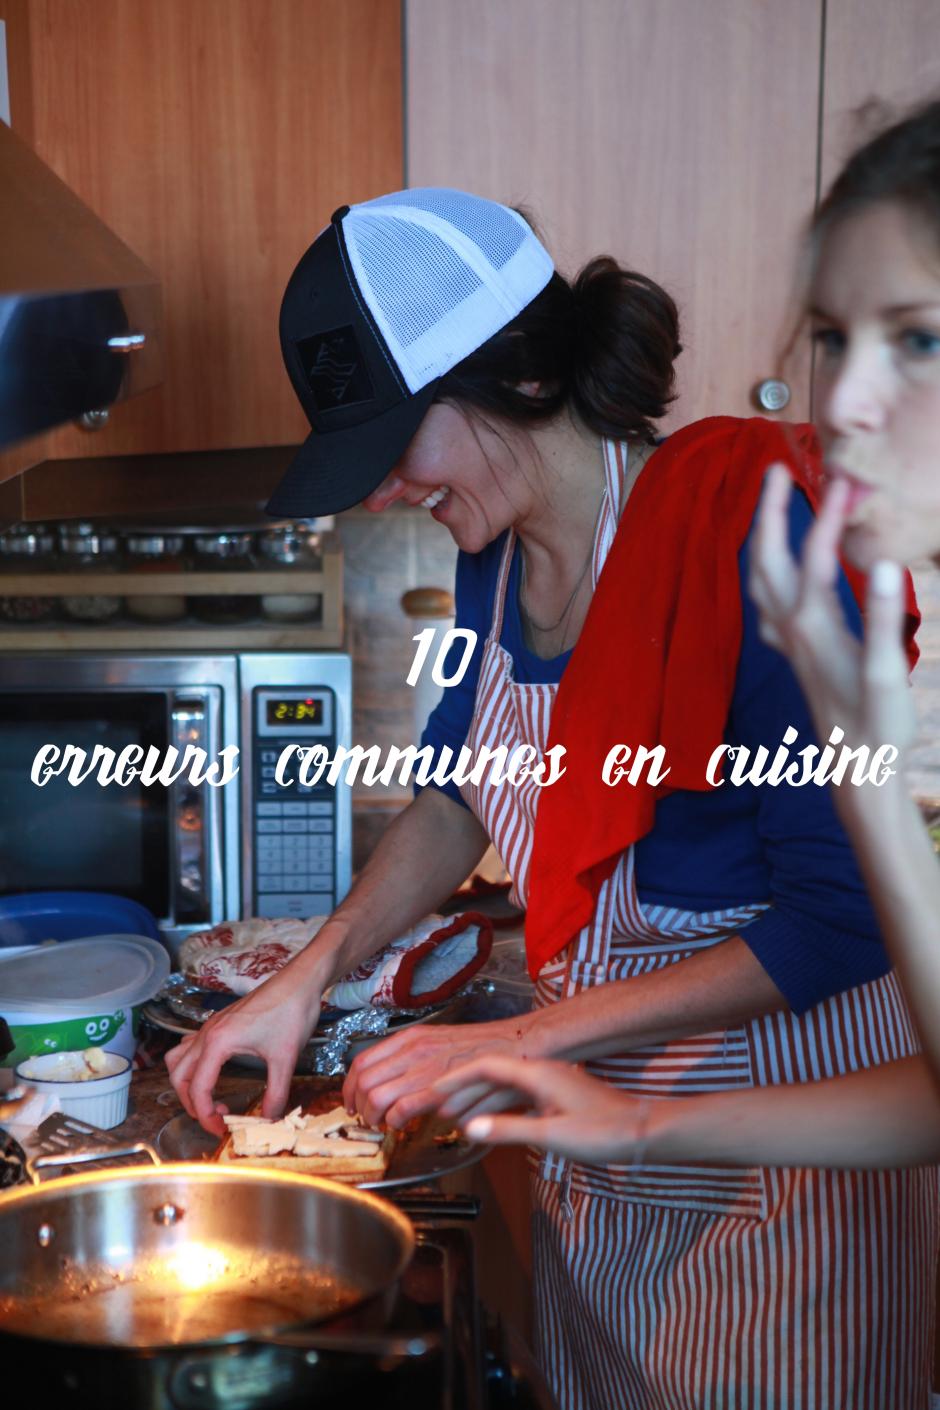 10 erreurs communes en cuisine